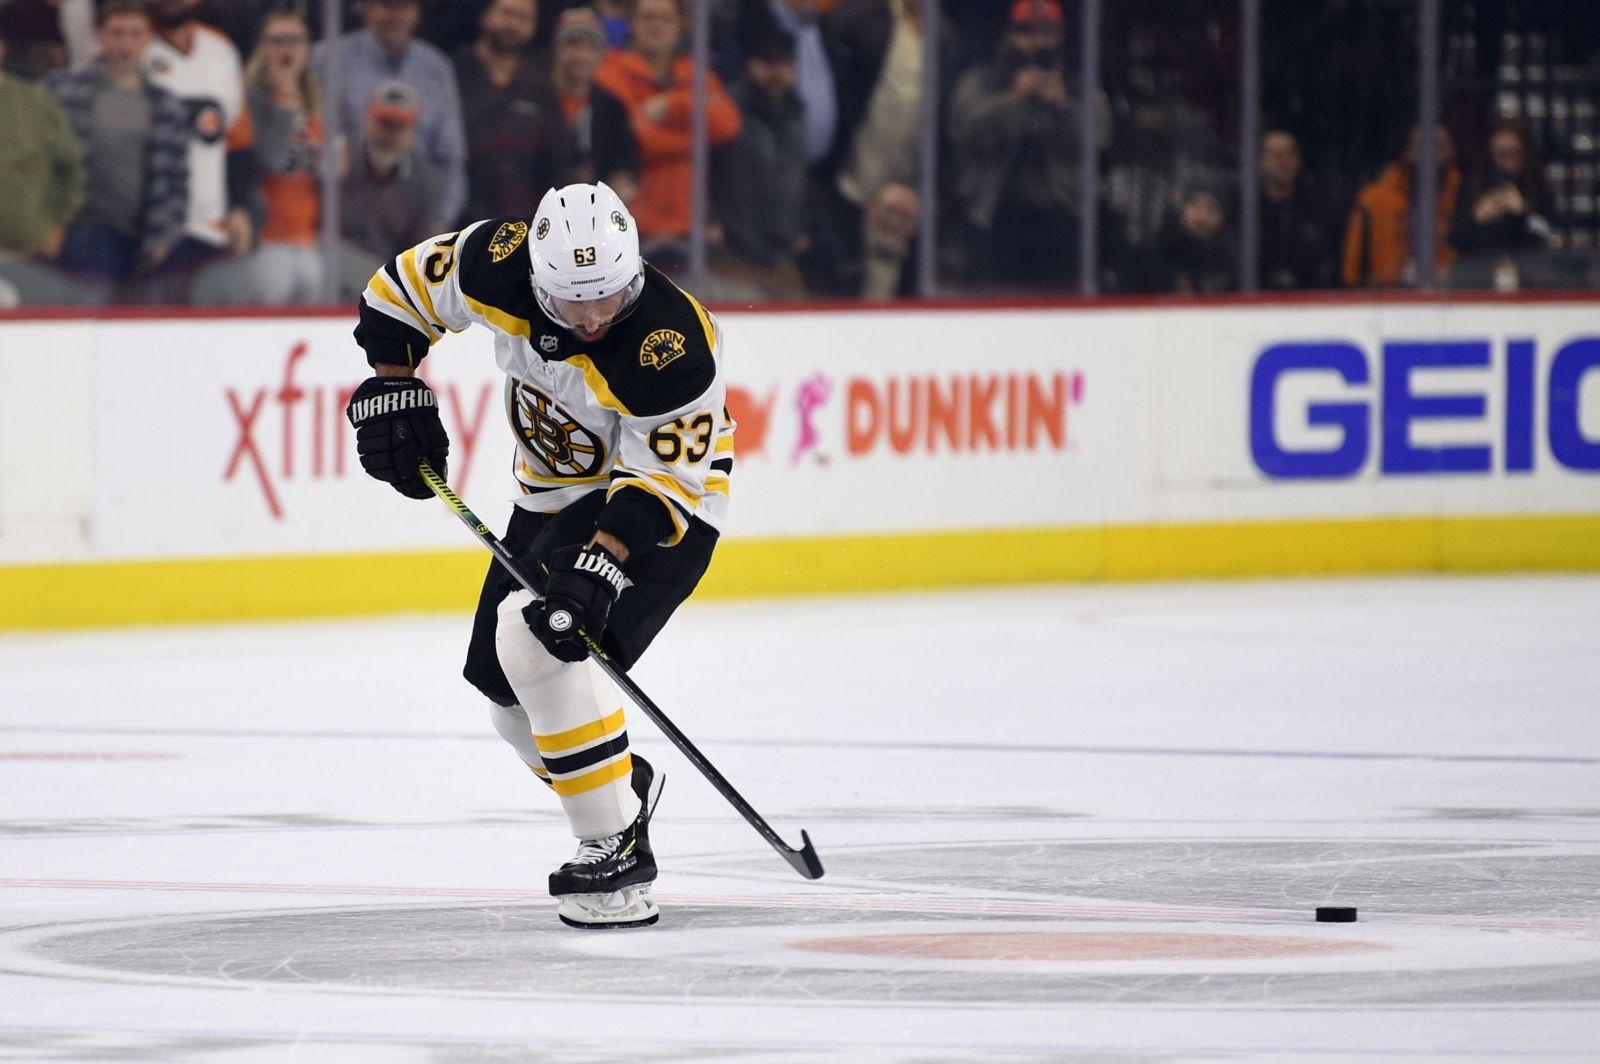 Chárov Boston v NHL kuriózne prehral nájazdy, útočník netrafil puk už v stredovom kruhu